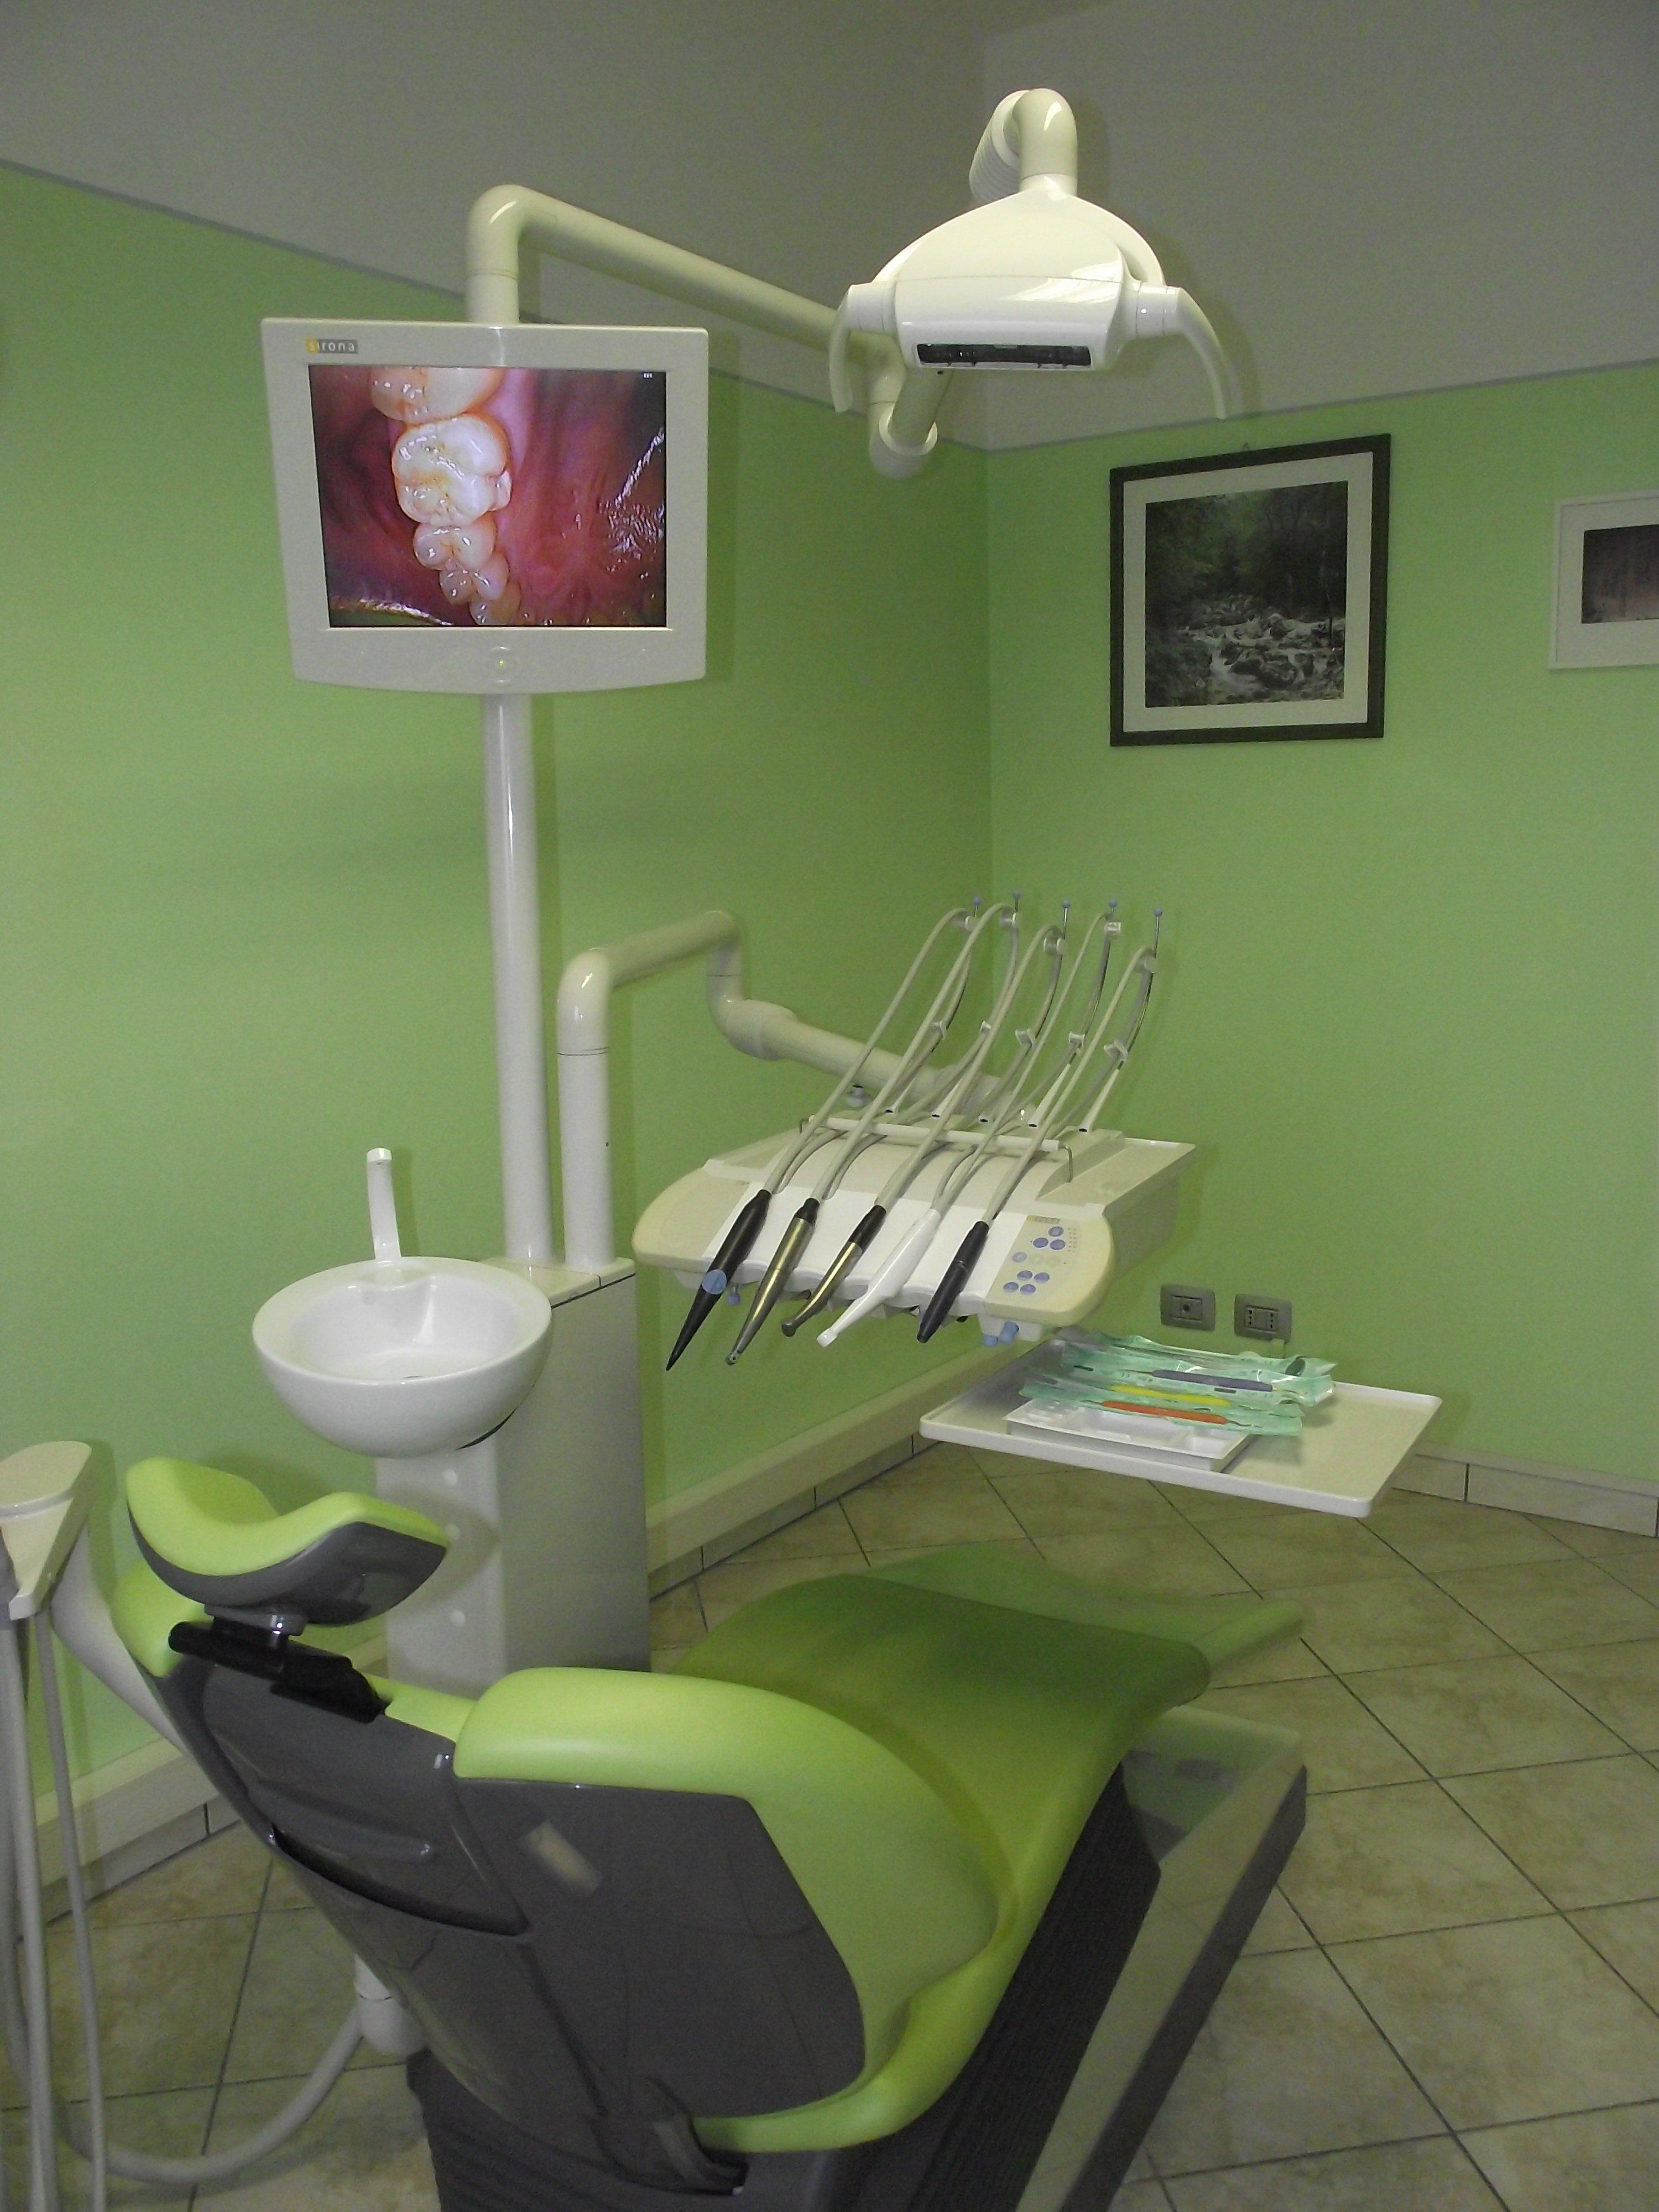 la poltrona e gli accessori nella sala dello studio dentistico